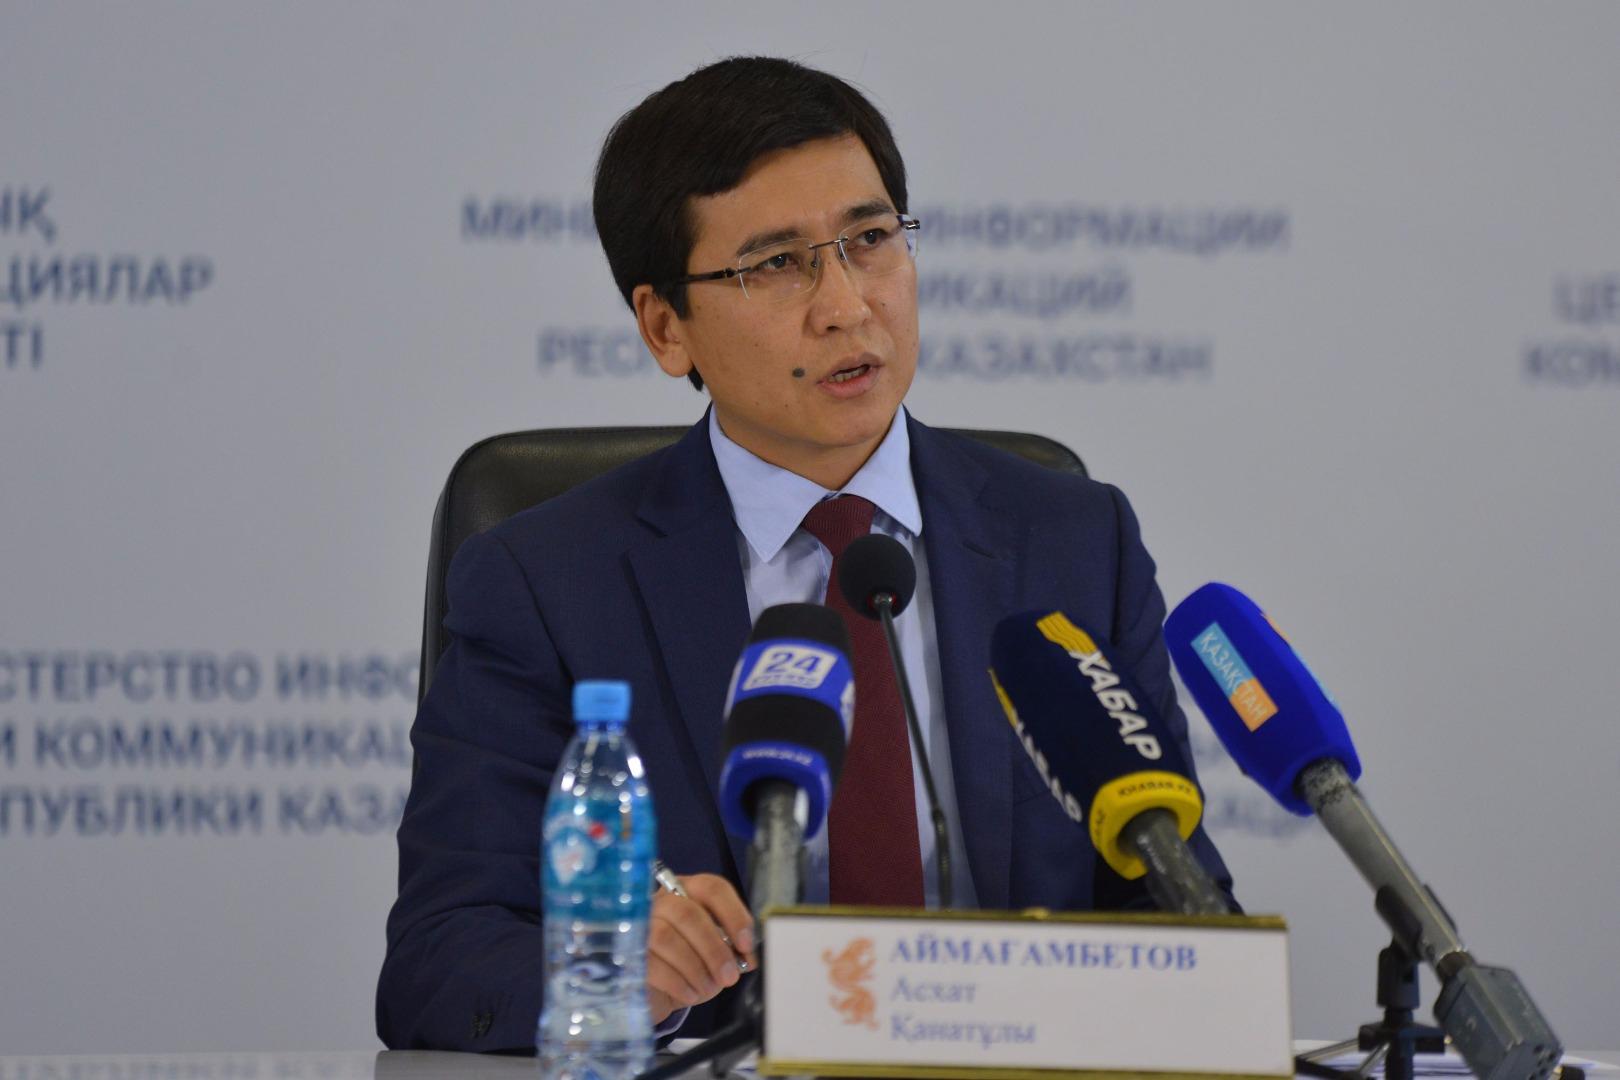 Министр ЖОО ректорларын тағайындау тәртібі неге өзгергенін айтты